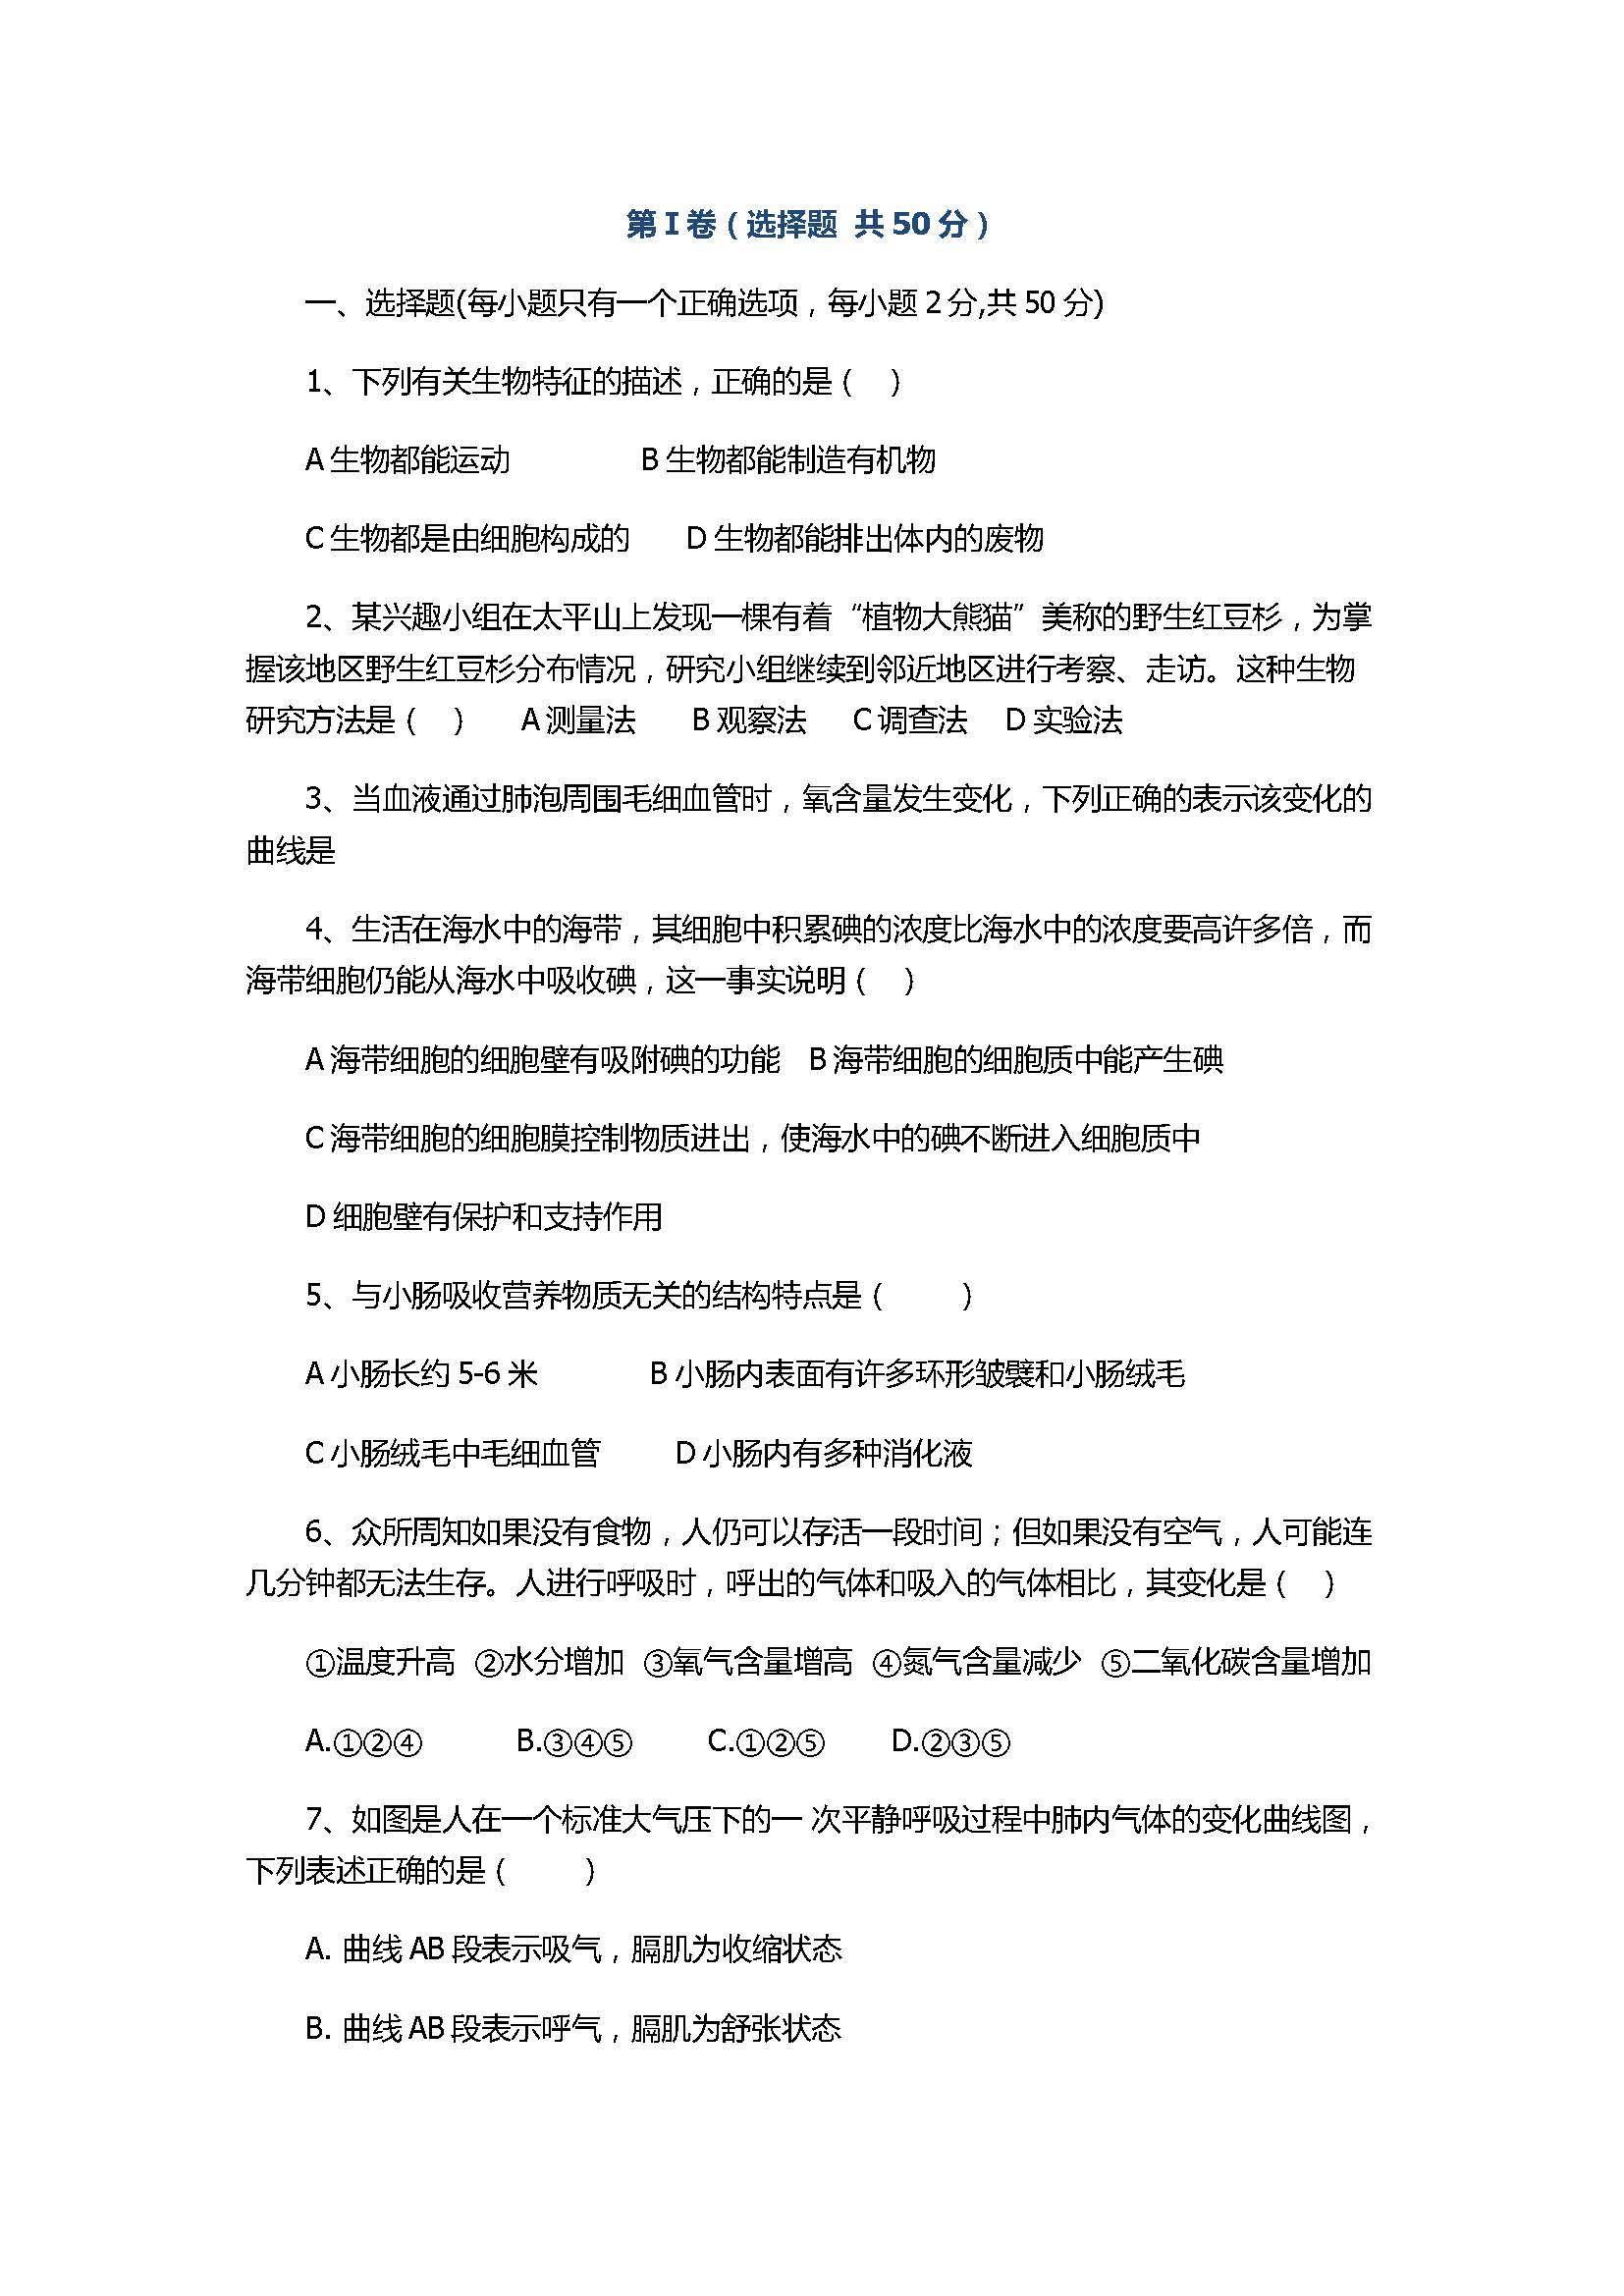 2017初二年级生物下册月考试卷含参考答案(滨州三校)